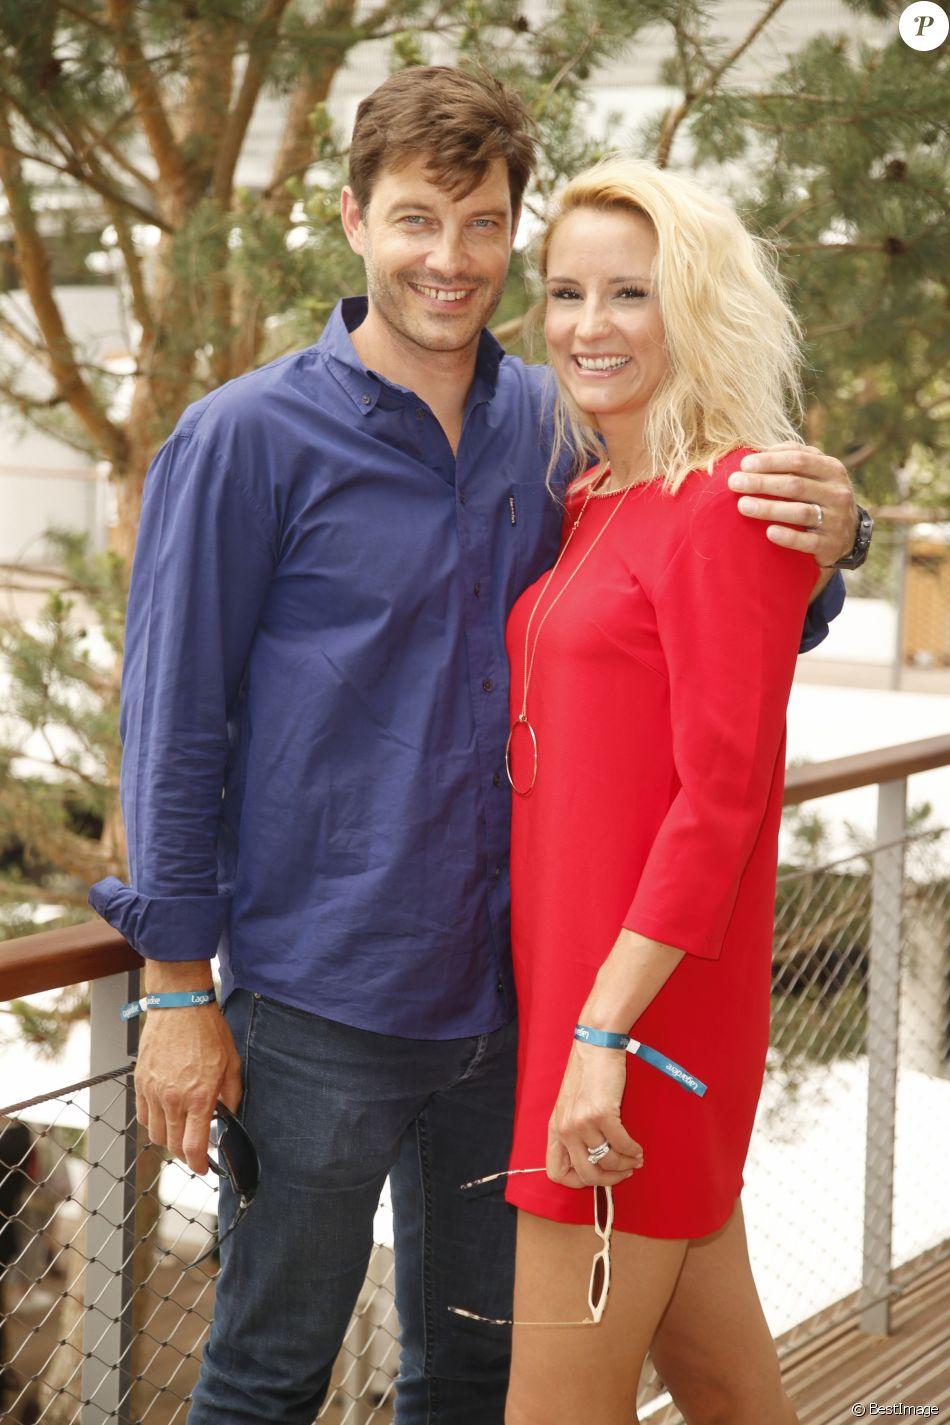 Elodie Gossuin-Lacherie et son mari Bertrand Lacherie au village lors des Internationaux de tennis de Roland Garros le 28 mai 2018.